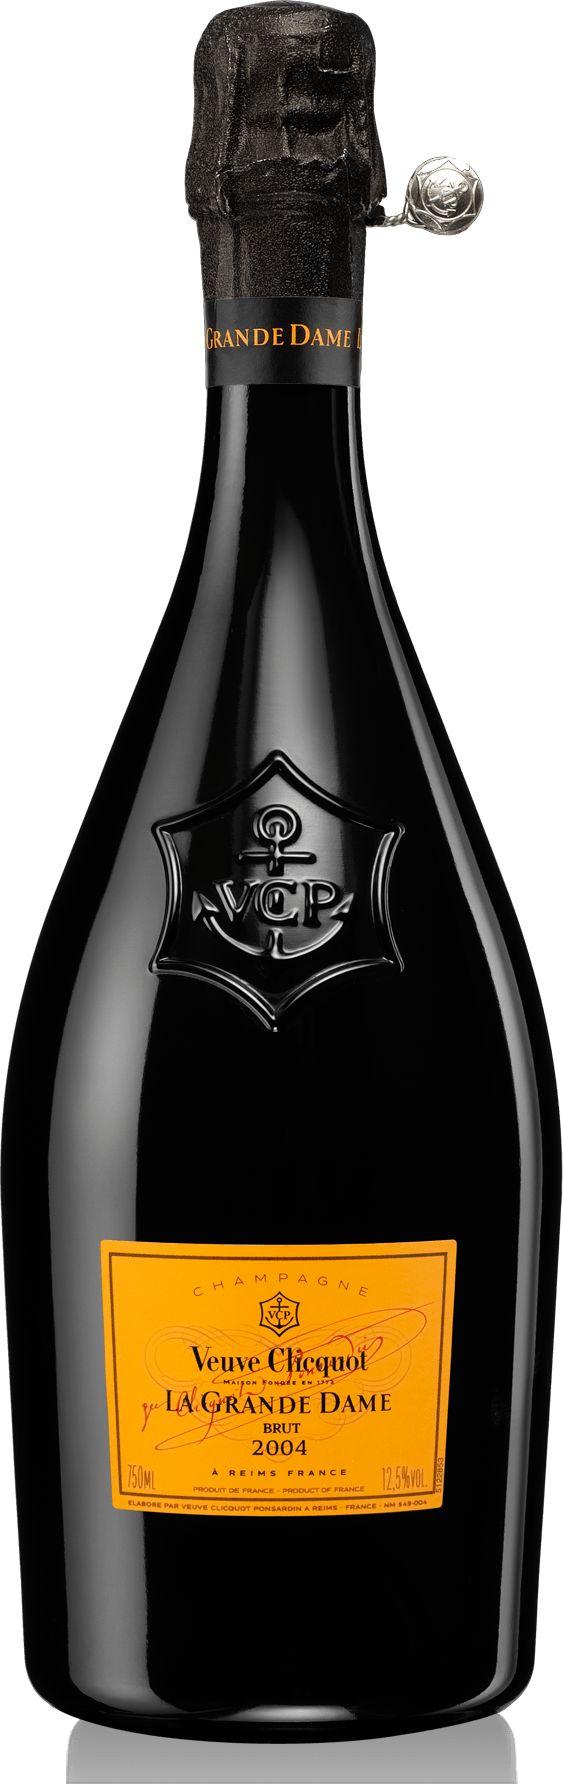 Champagne Veuve Clicquot : La Grande Dame 2004,La Grande Dame 2004 s'affiche avec de beaux arômes de pèche et d'abricots sur fond de brioche. Sa bouche est croquante et soyeuse avec une chair tendre qui se fait titiller par une belle fraîcheur, mais la puissance légendaire du style de la maison est en arrière fond. L'alliance entre un pinot noir (61%) un peu retenu pour le moment et un chardonnay (39%) de grande classe doit encore se fondre pour que les huit grands crus (seuls les grands…